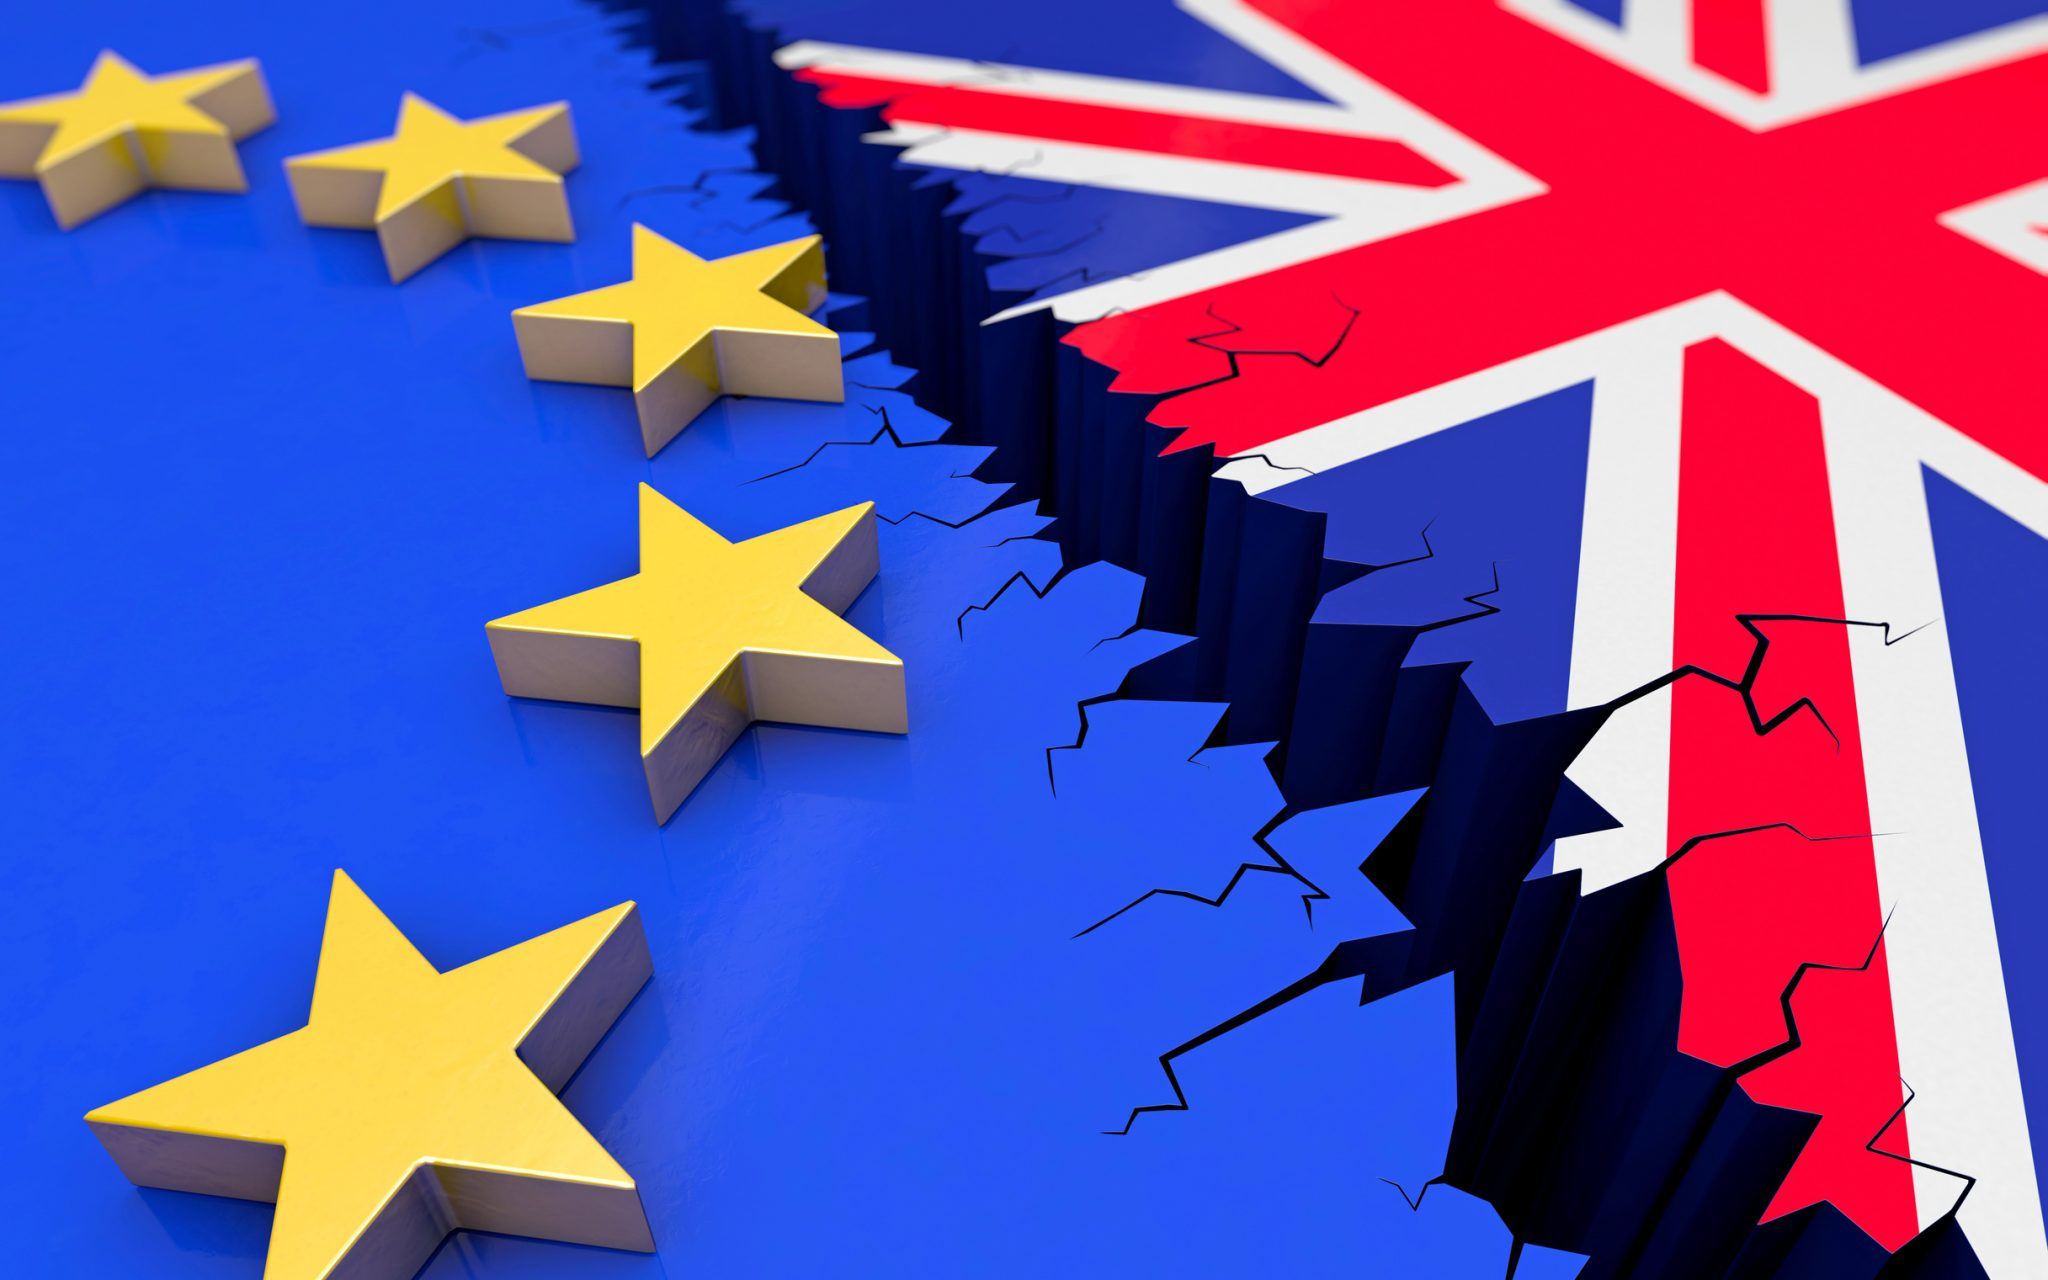 Le Brexit va bouleverser l'Europe